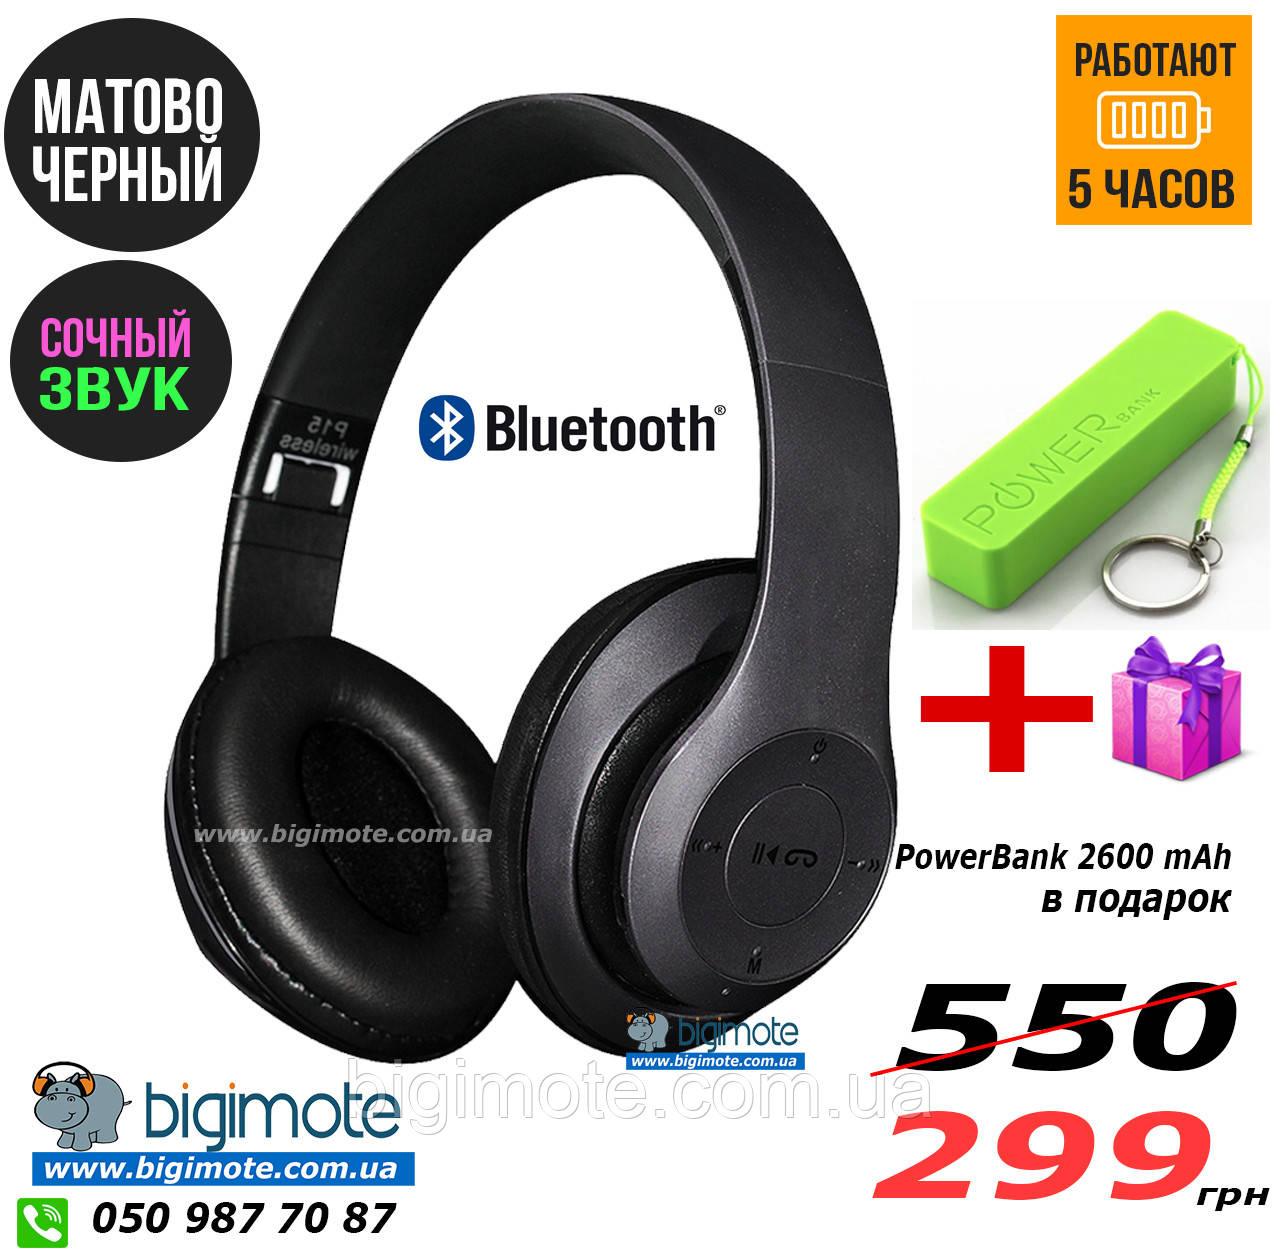 Качественный беспроводные Bluetooth наушники P15, без проводов наушники, блютуз наушники,наушники беспроводныу